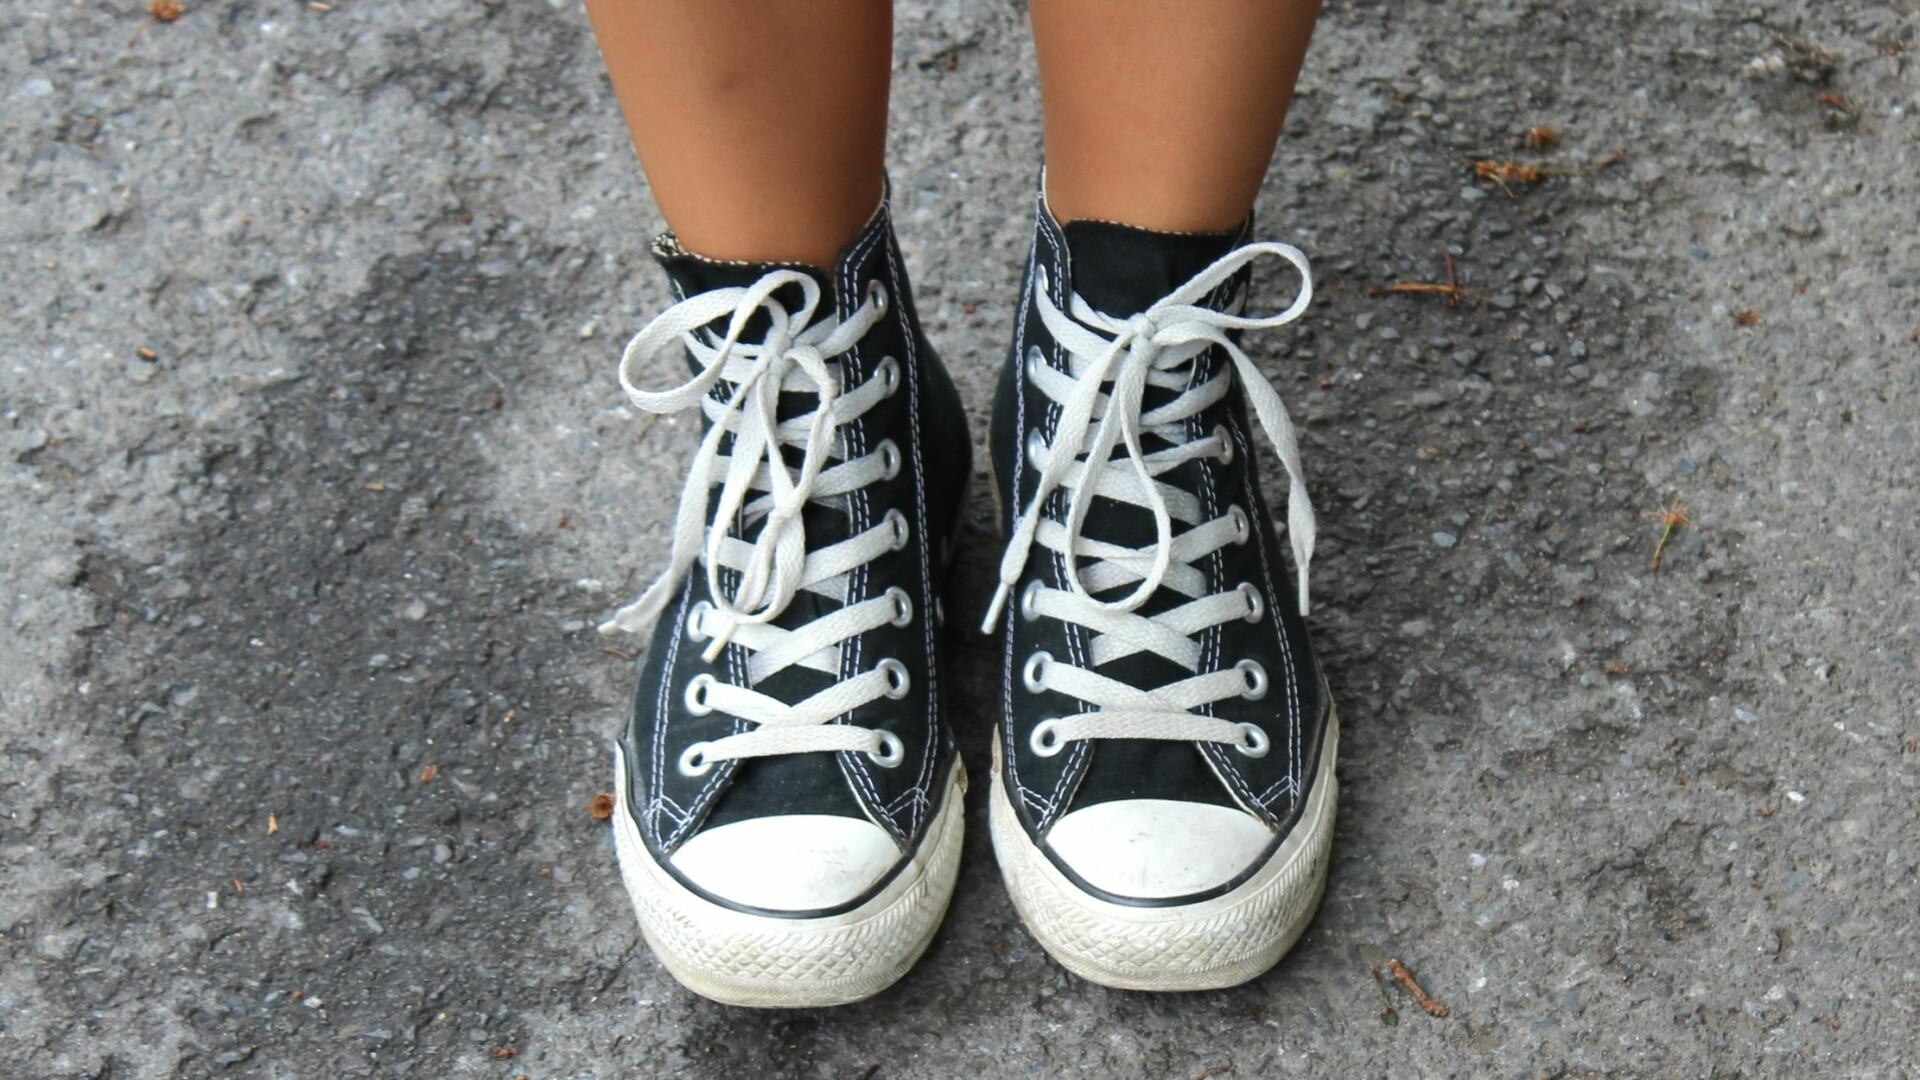 8e6dec8d Eksperter advarer mot flate sko - Kvinneguiden